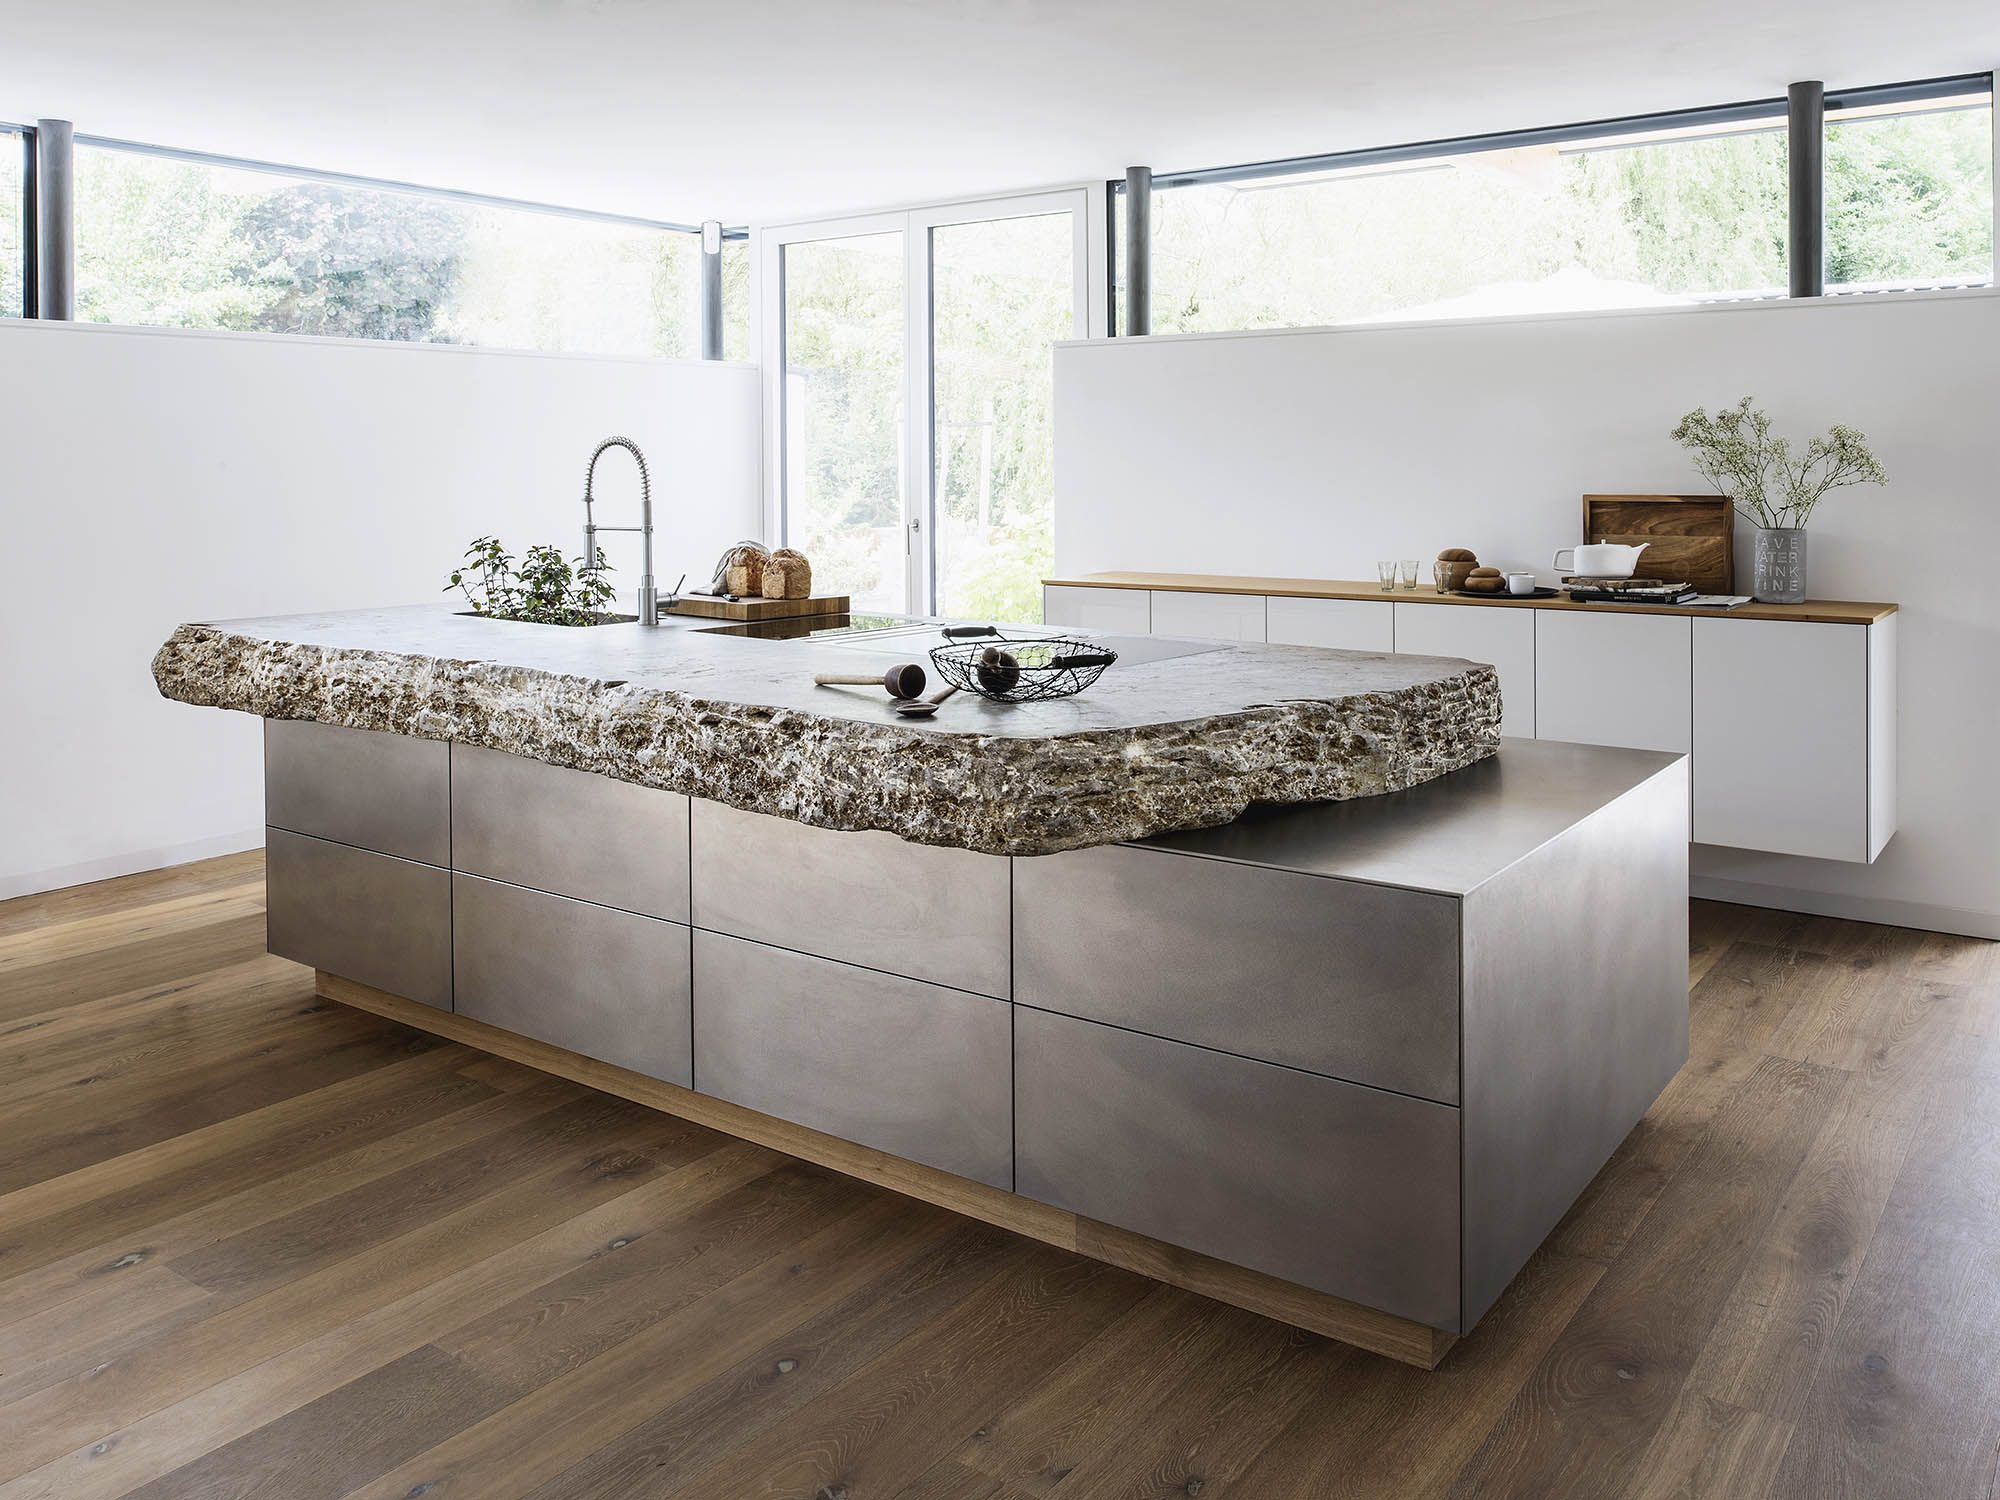 Traumhafte Naturstein Arbeitsplatte In Der Küche  Küchen